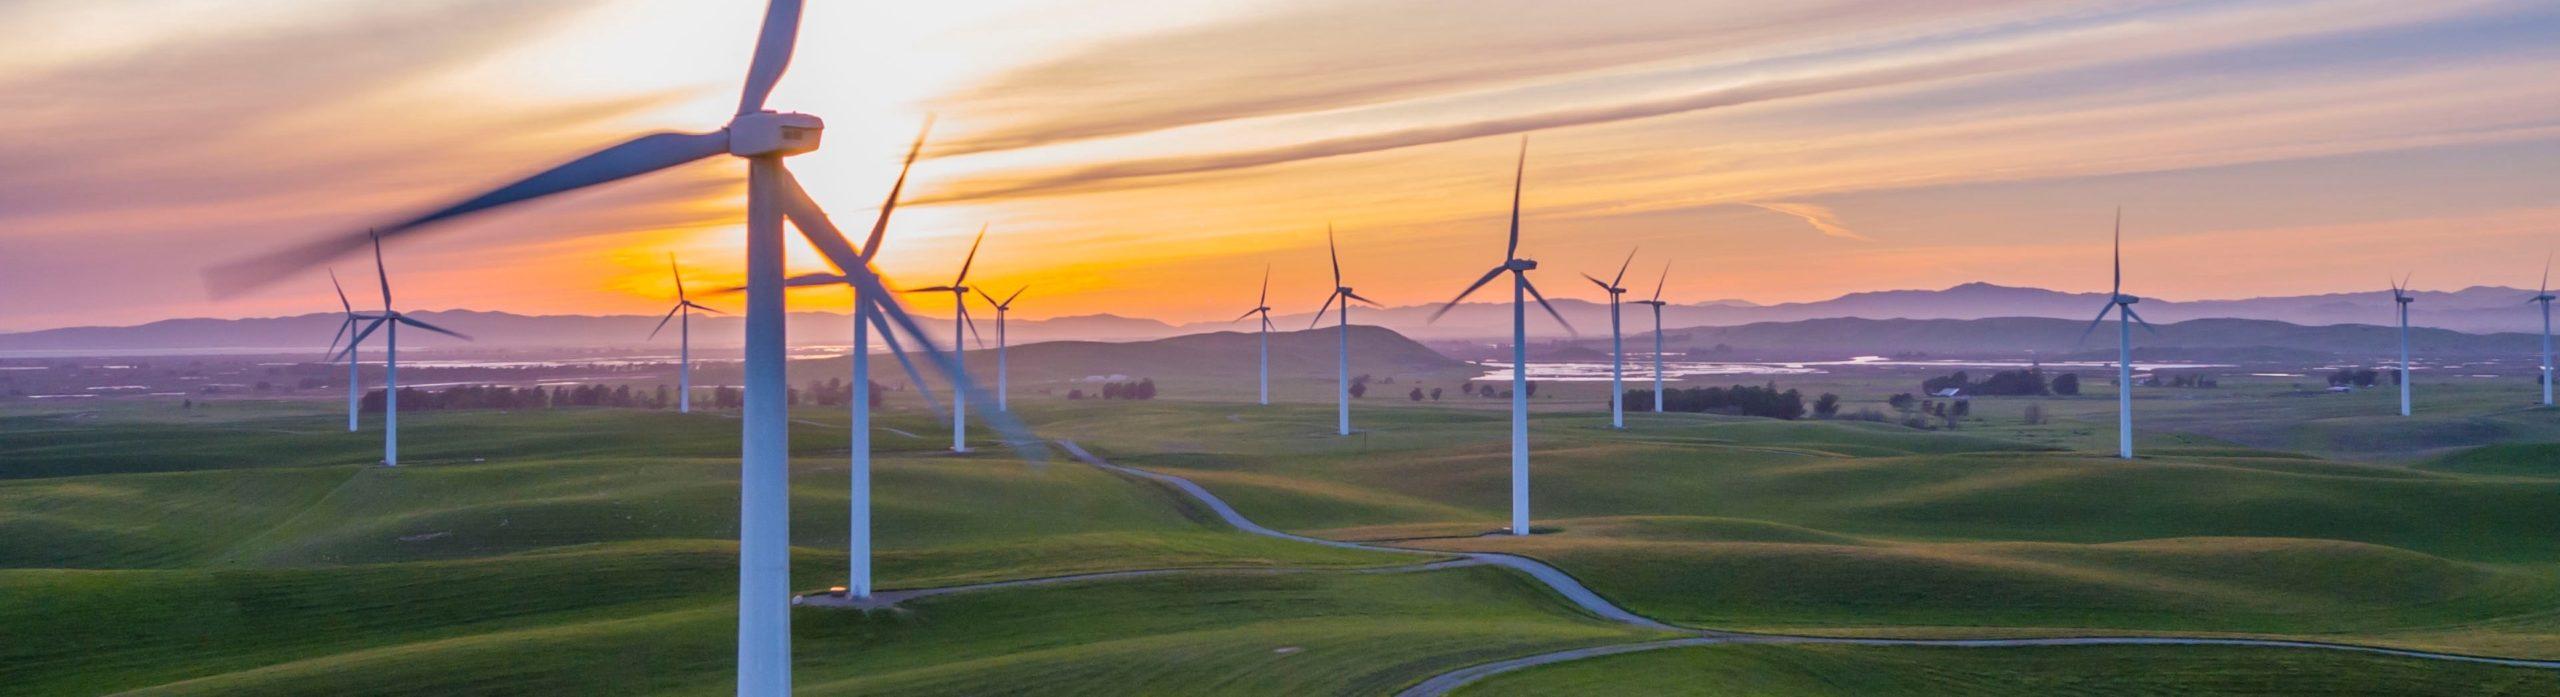 Paysage d'éoliennes